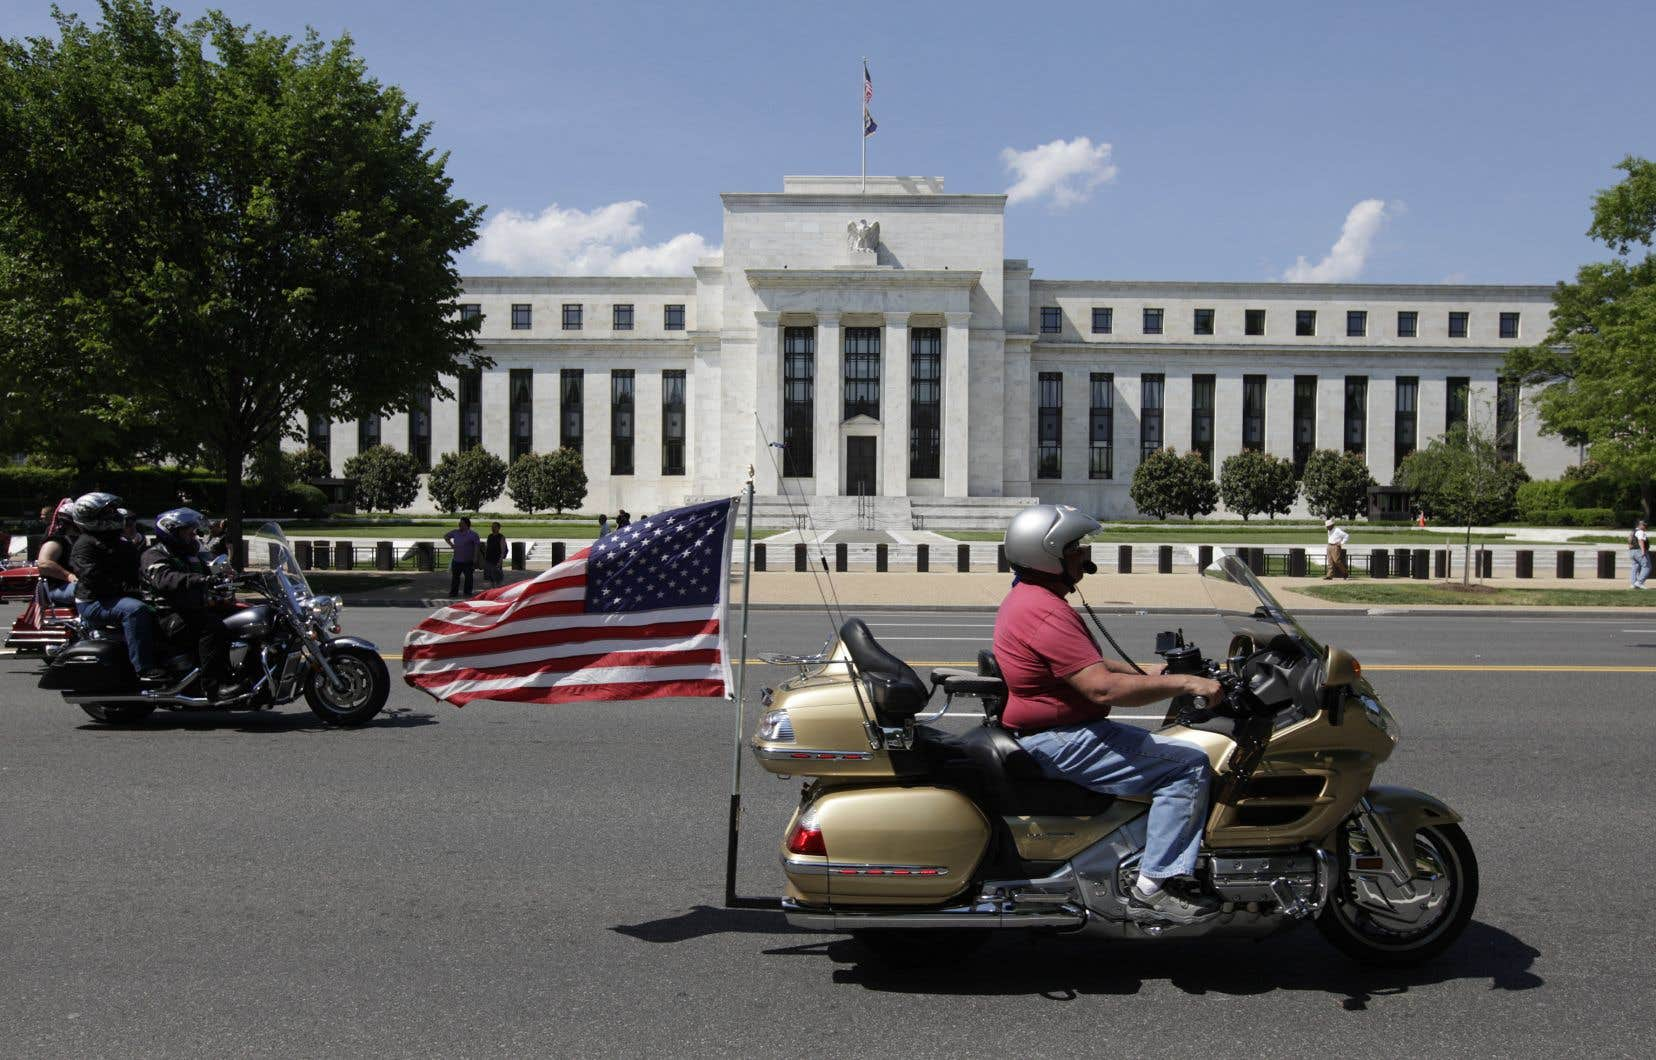 Jusqu'à présent, la Banque centrale américaine a anticipé trois hausses de taux d'intérêt pour 2018, y compris celle de mars.